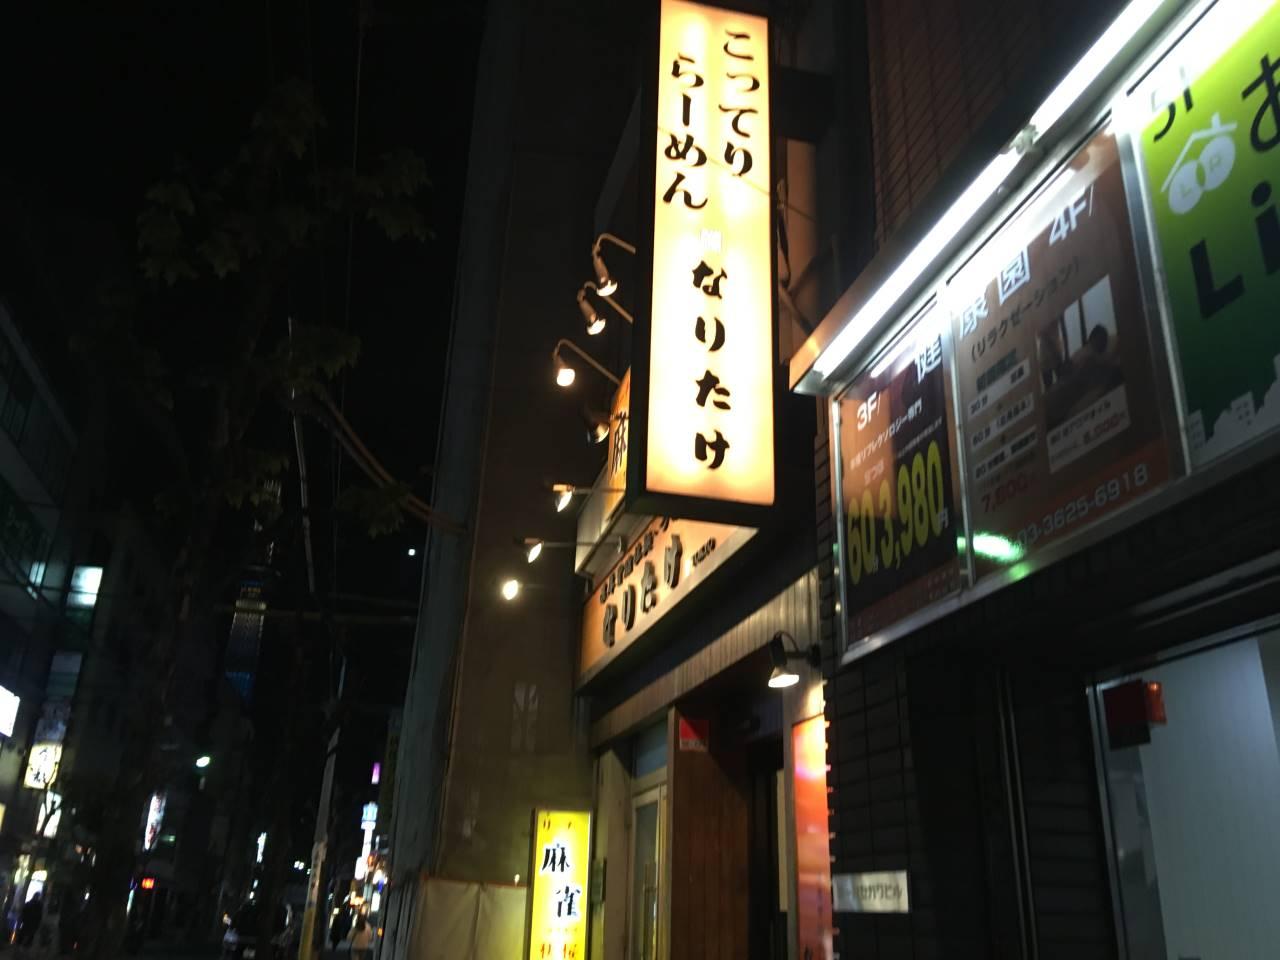 なりたけ TOKYO (ナリタケ トウキョウ) 錦糸町店ラーメン